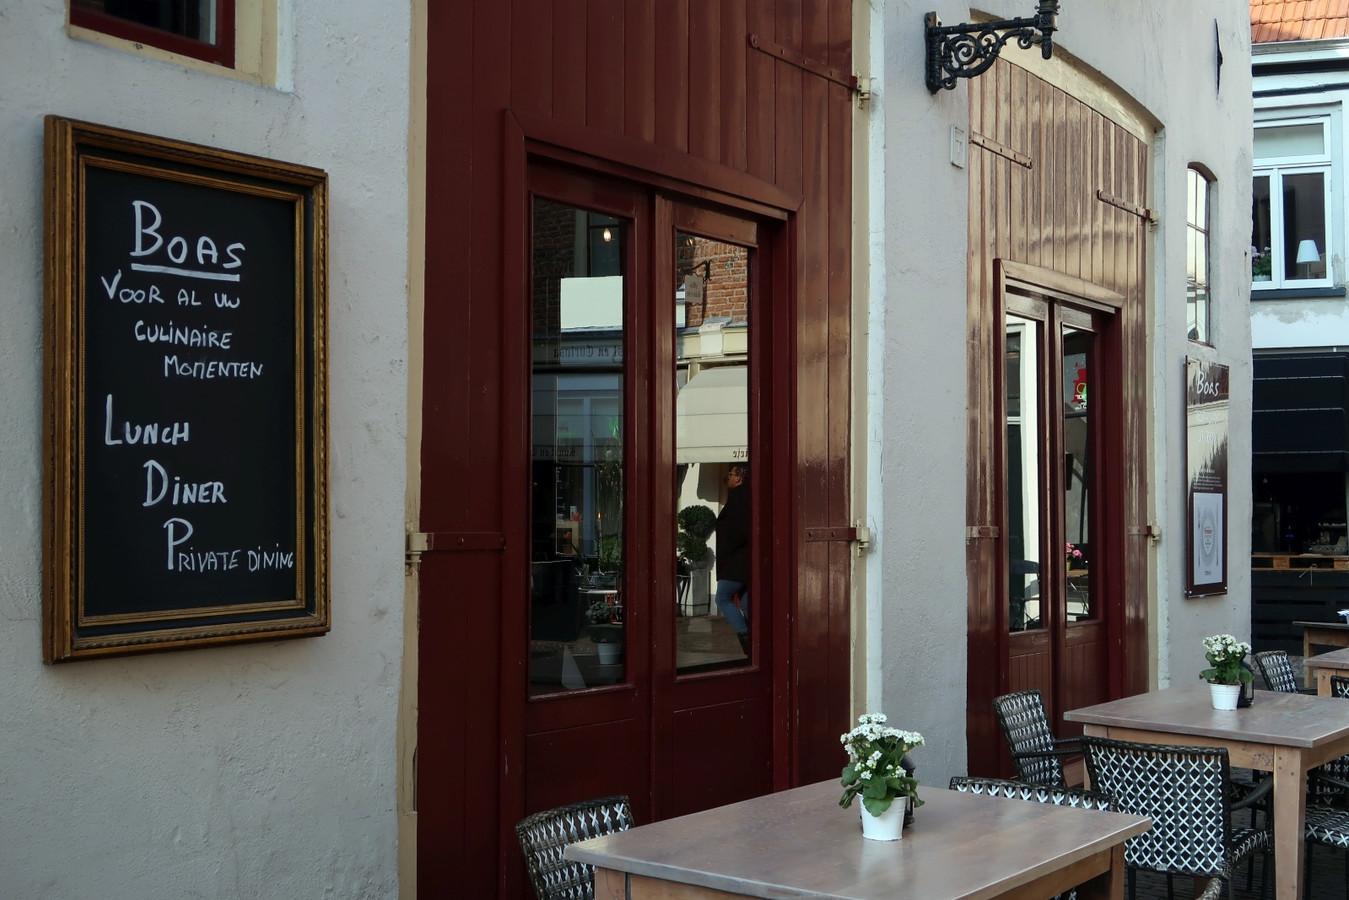 Restaurant Boas, op de hoek van de Golstraat met de Walstraat. Foto Erna Lammers